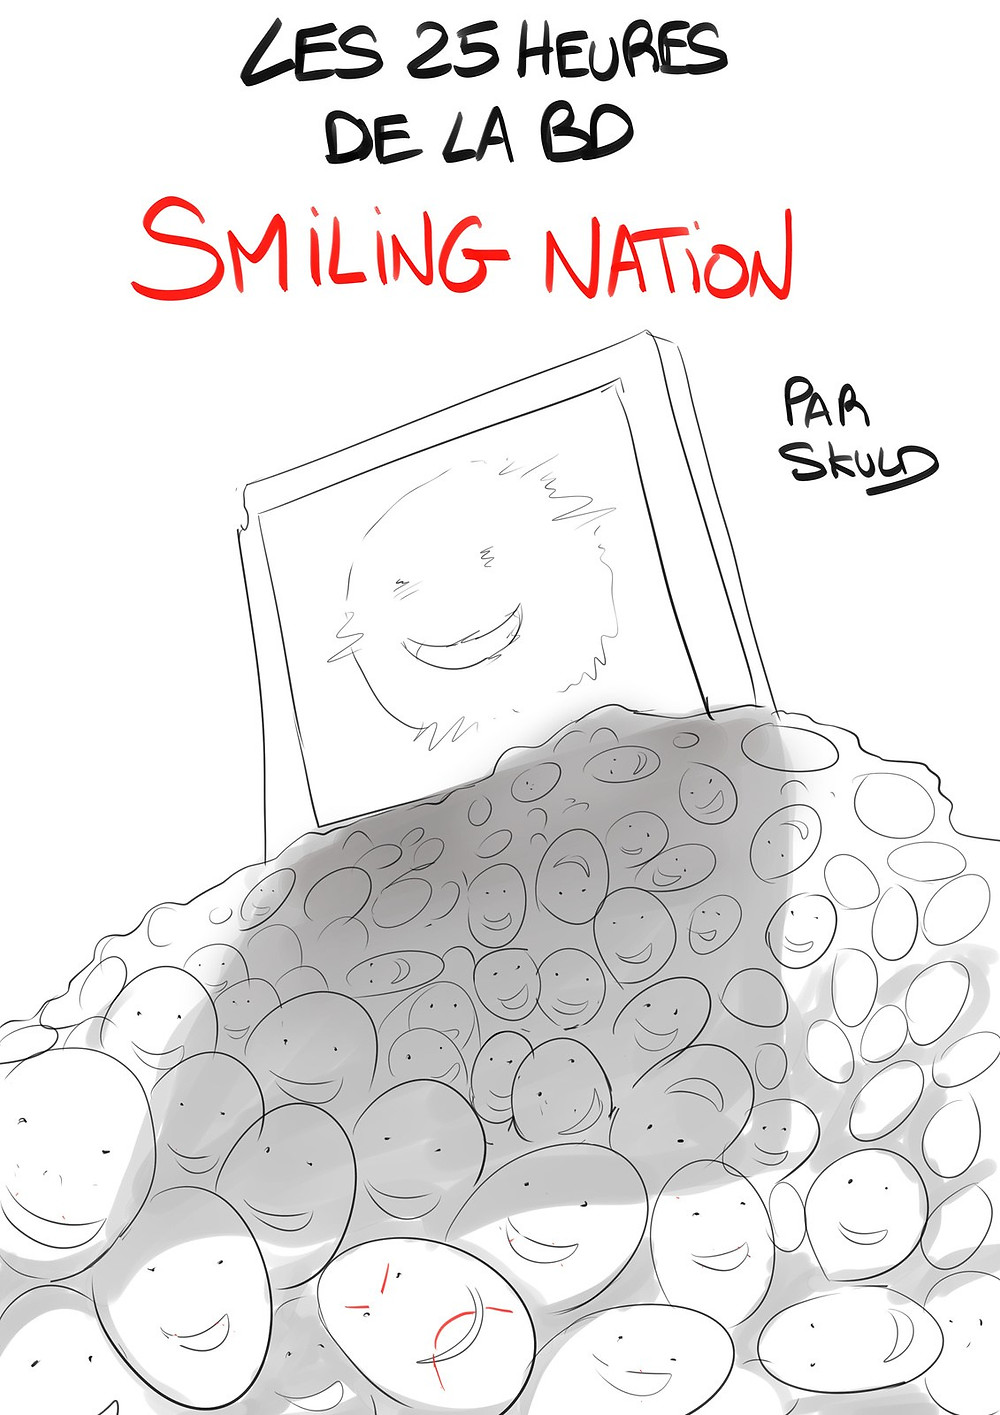 Les 25 Heures de la BD: Smiling Nation